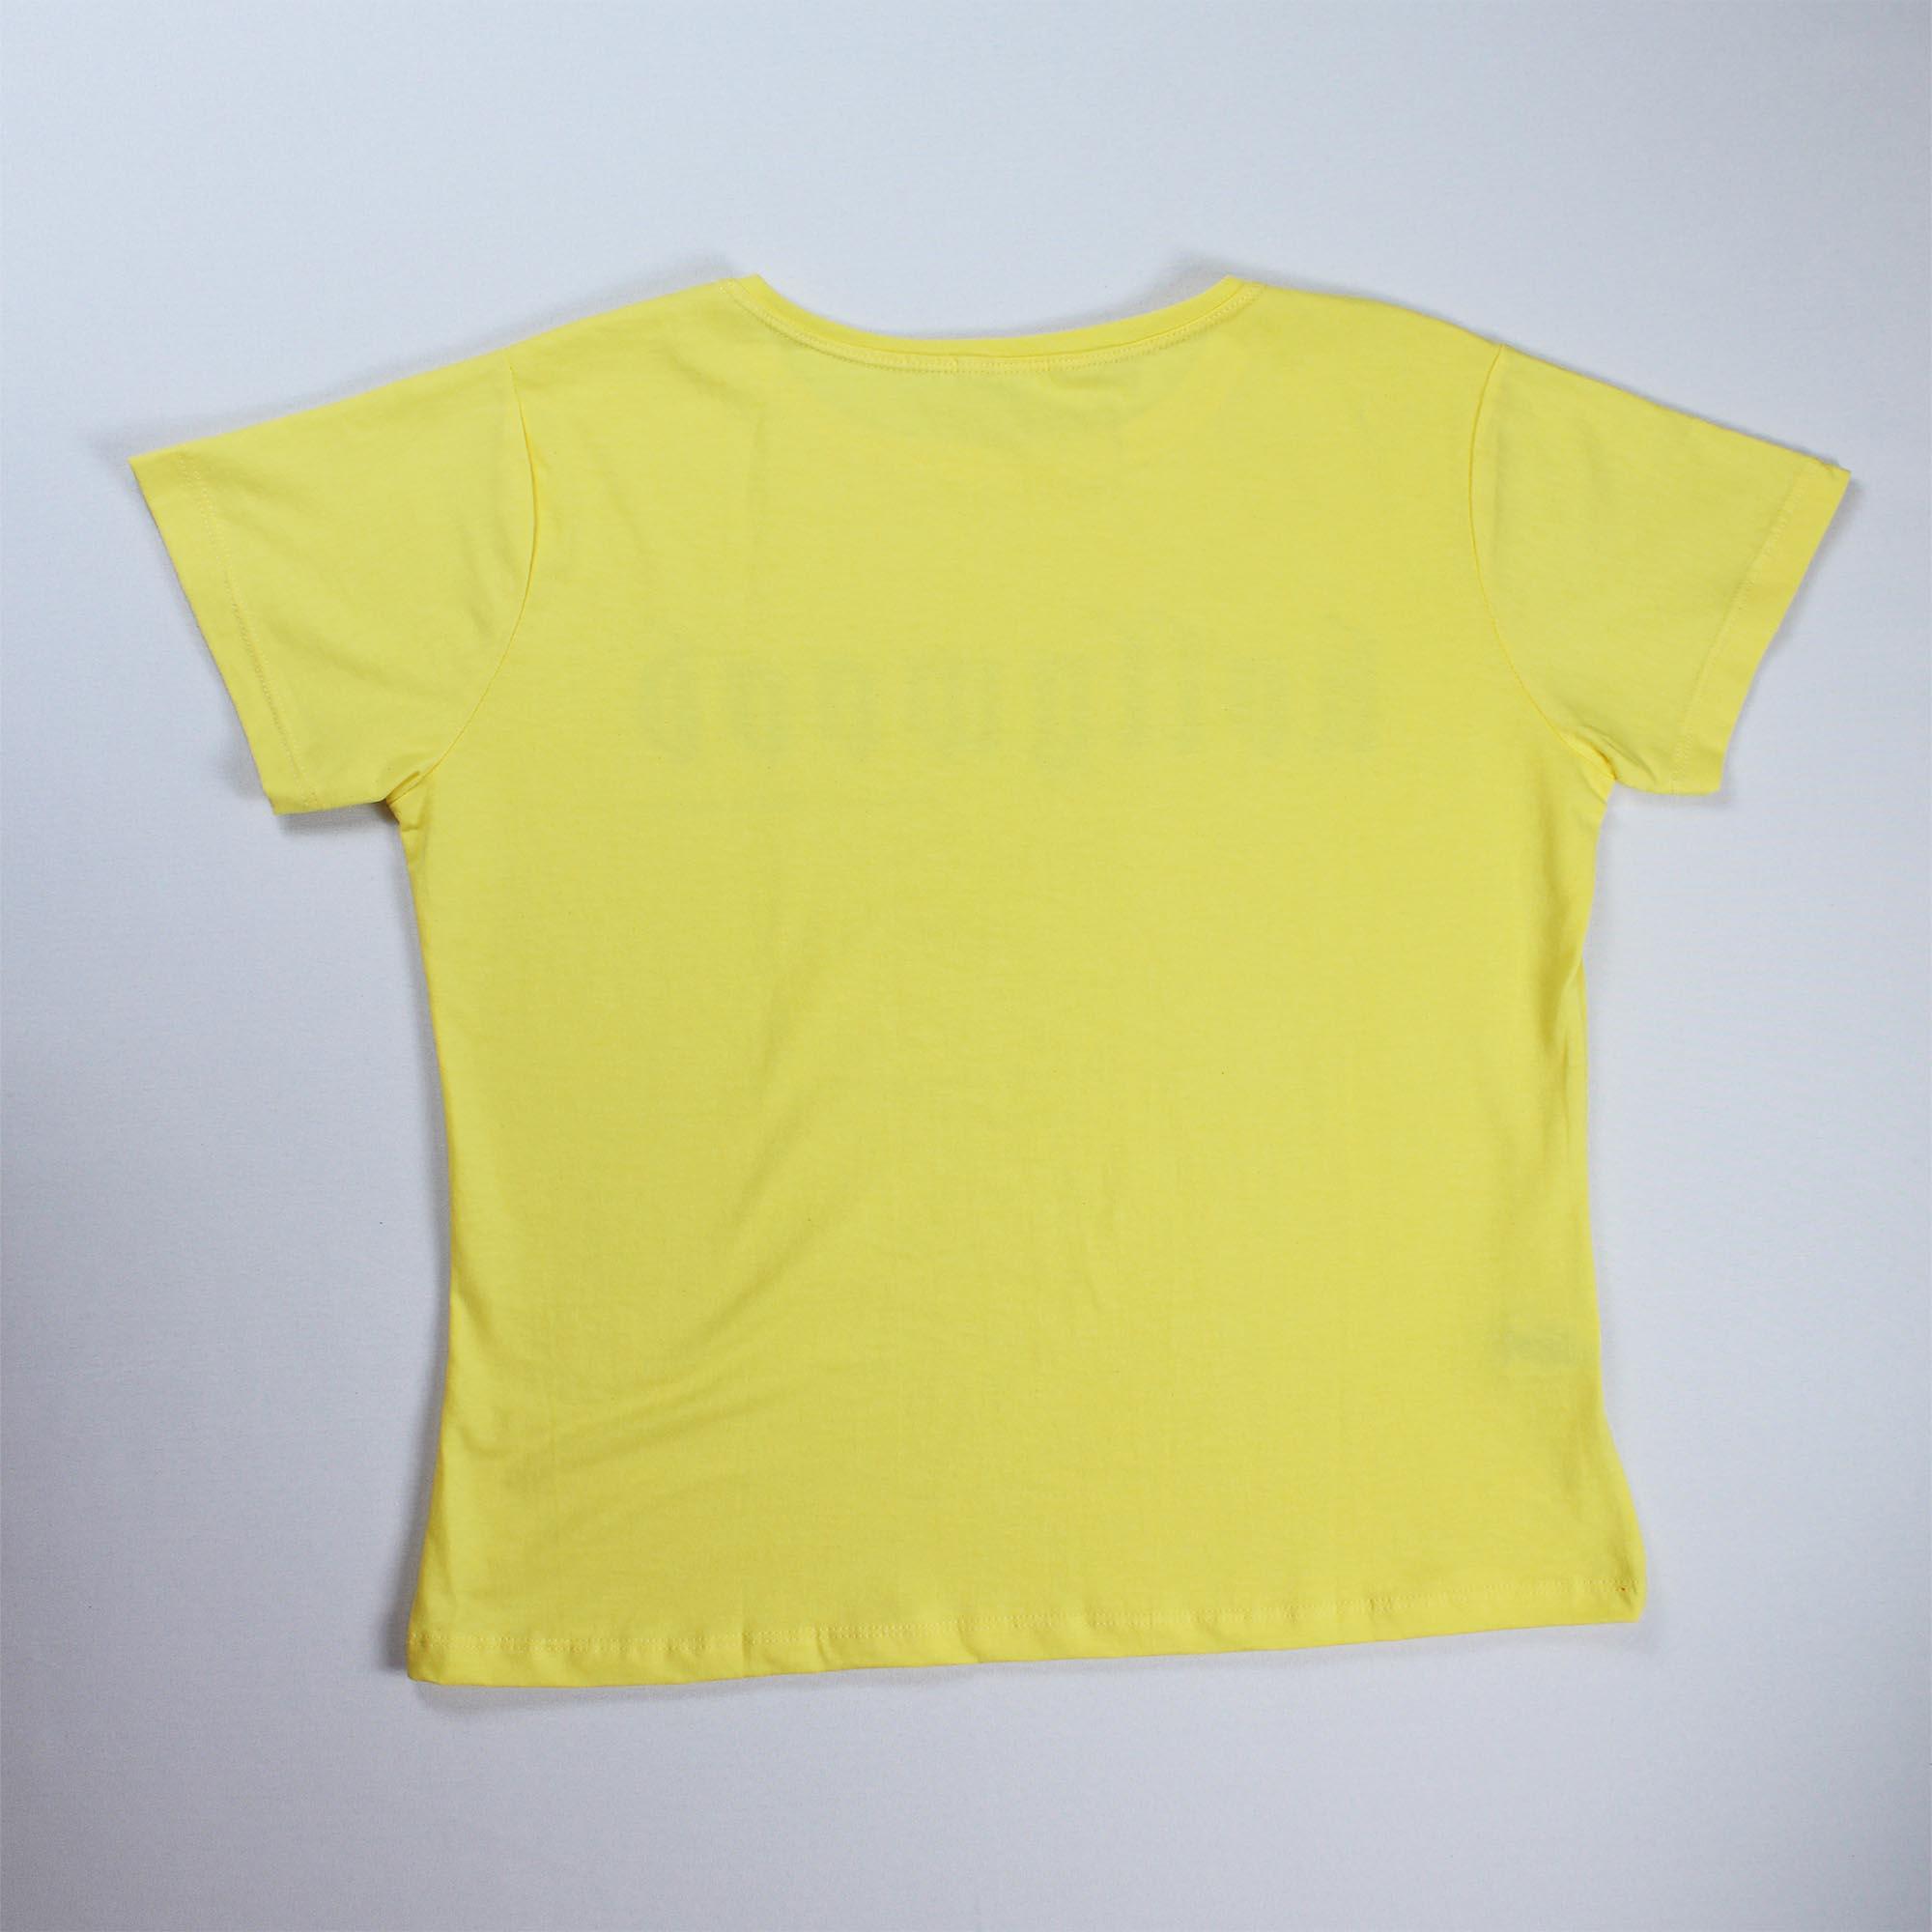 T-Shirt Brooklyn Feminina - Amarela